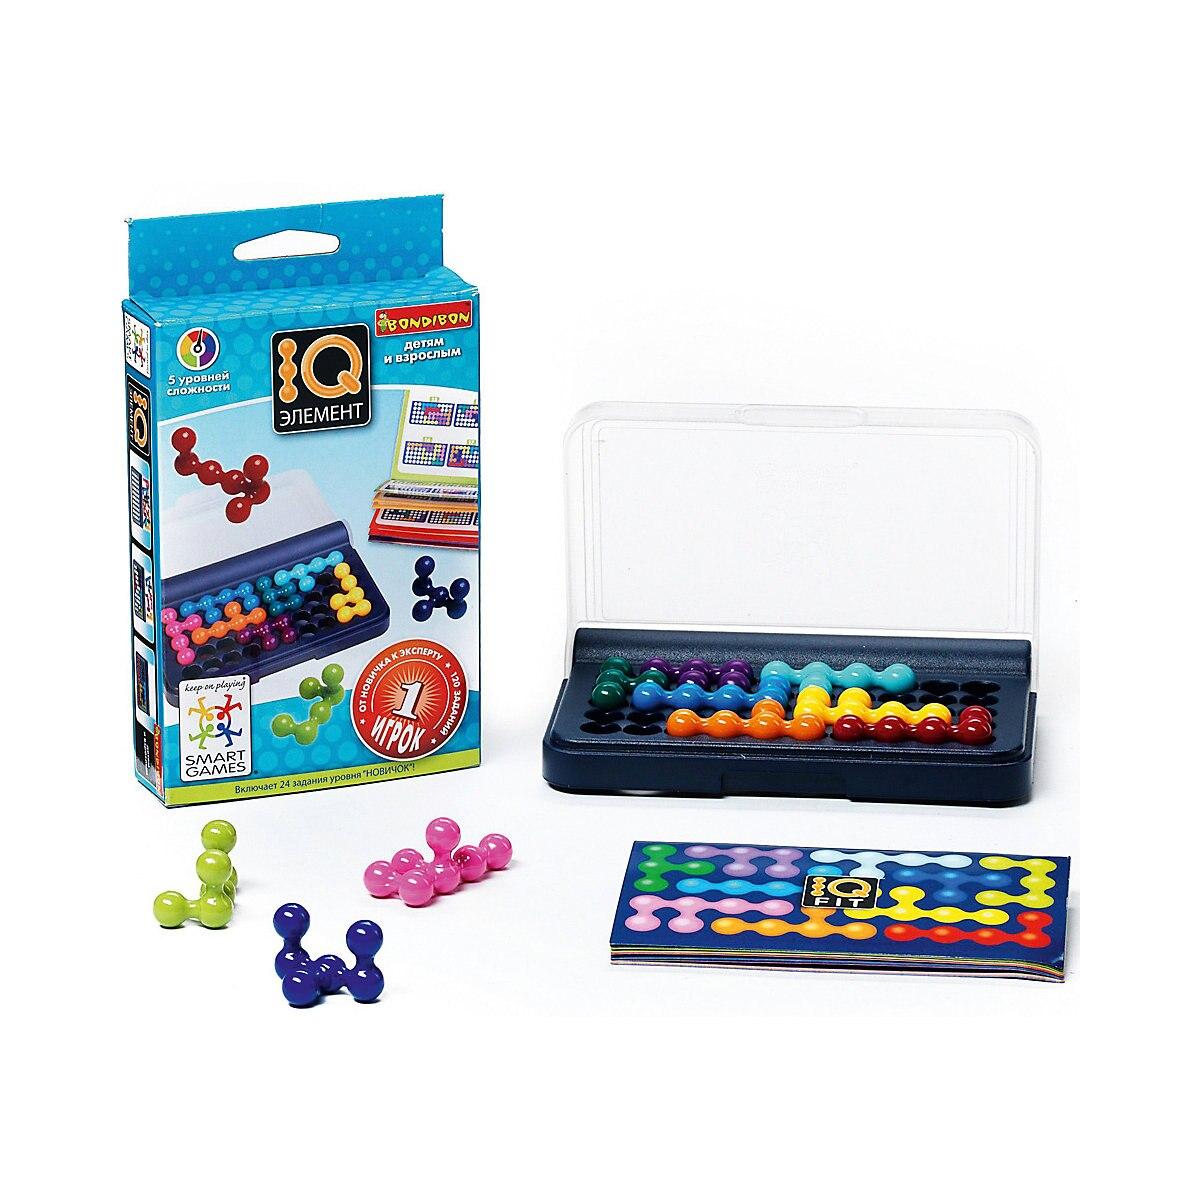 BONDIBON jeux de fête 4864505 jouets éducatifs jeu de carte logique jouet MTpromo